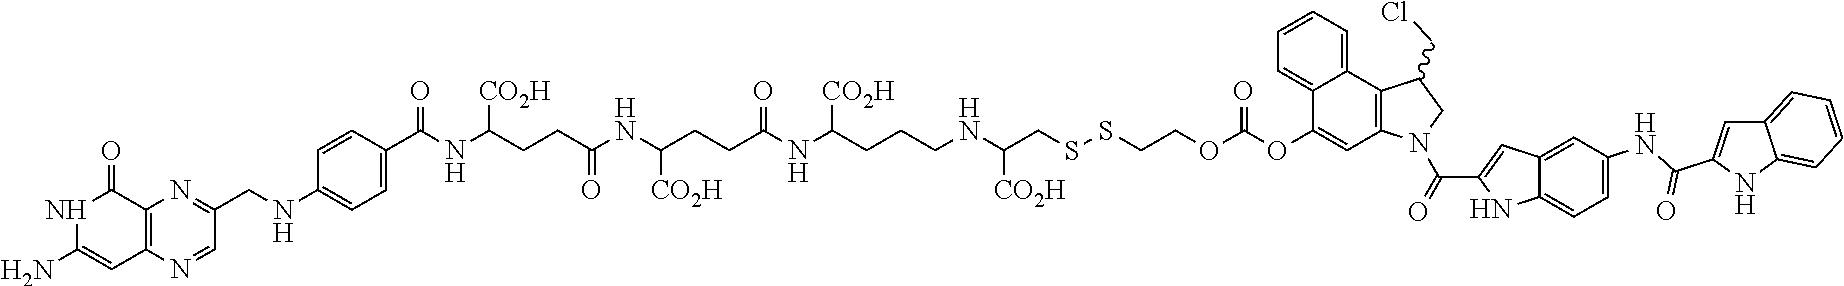 Figure US09550734-20170124-C00033